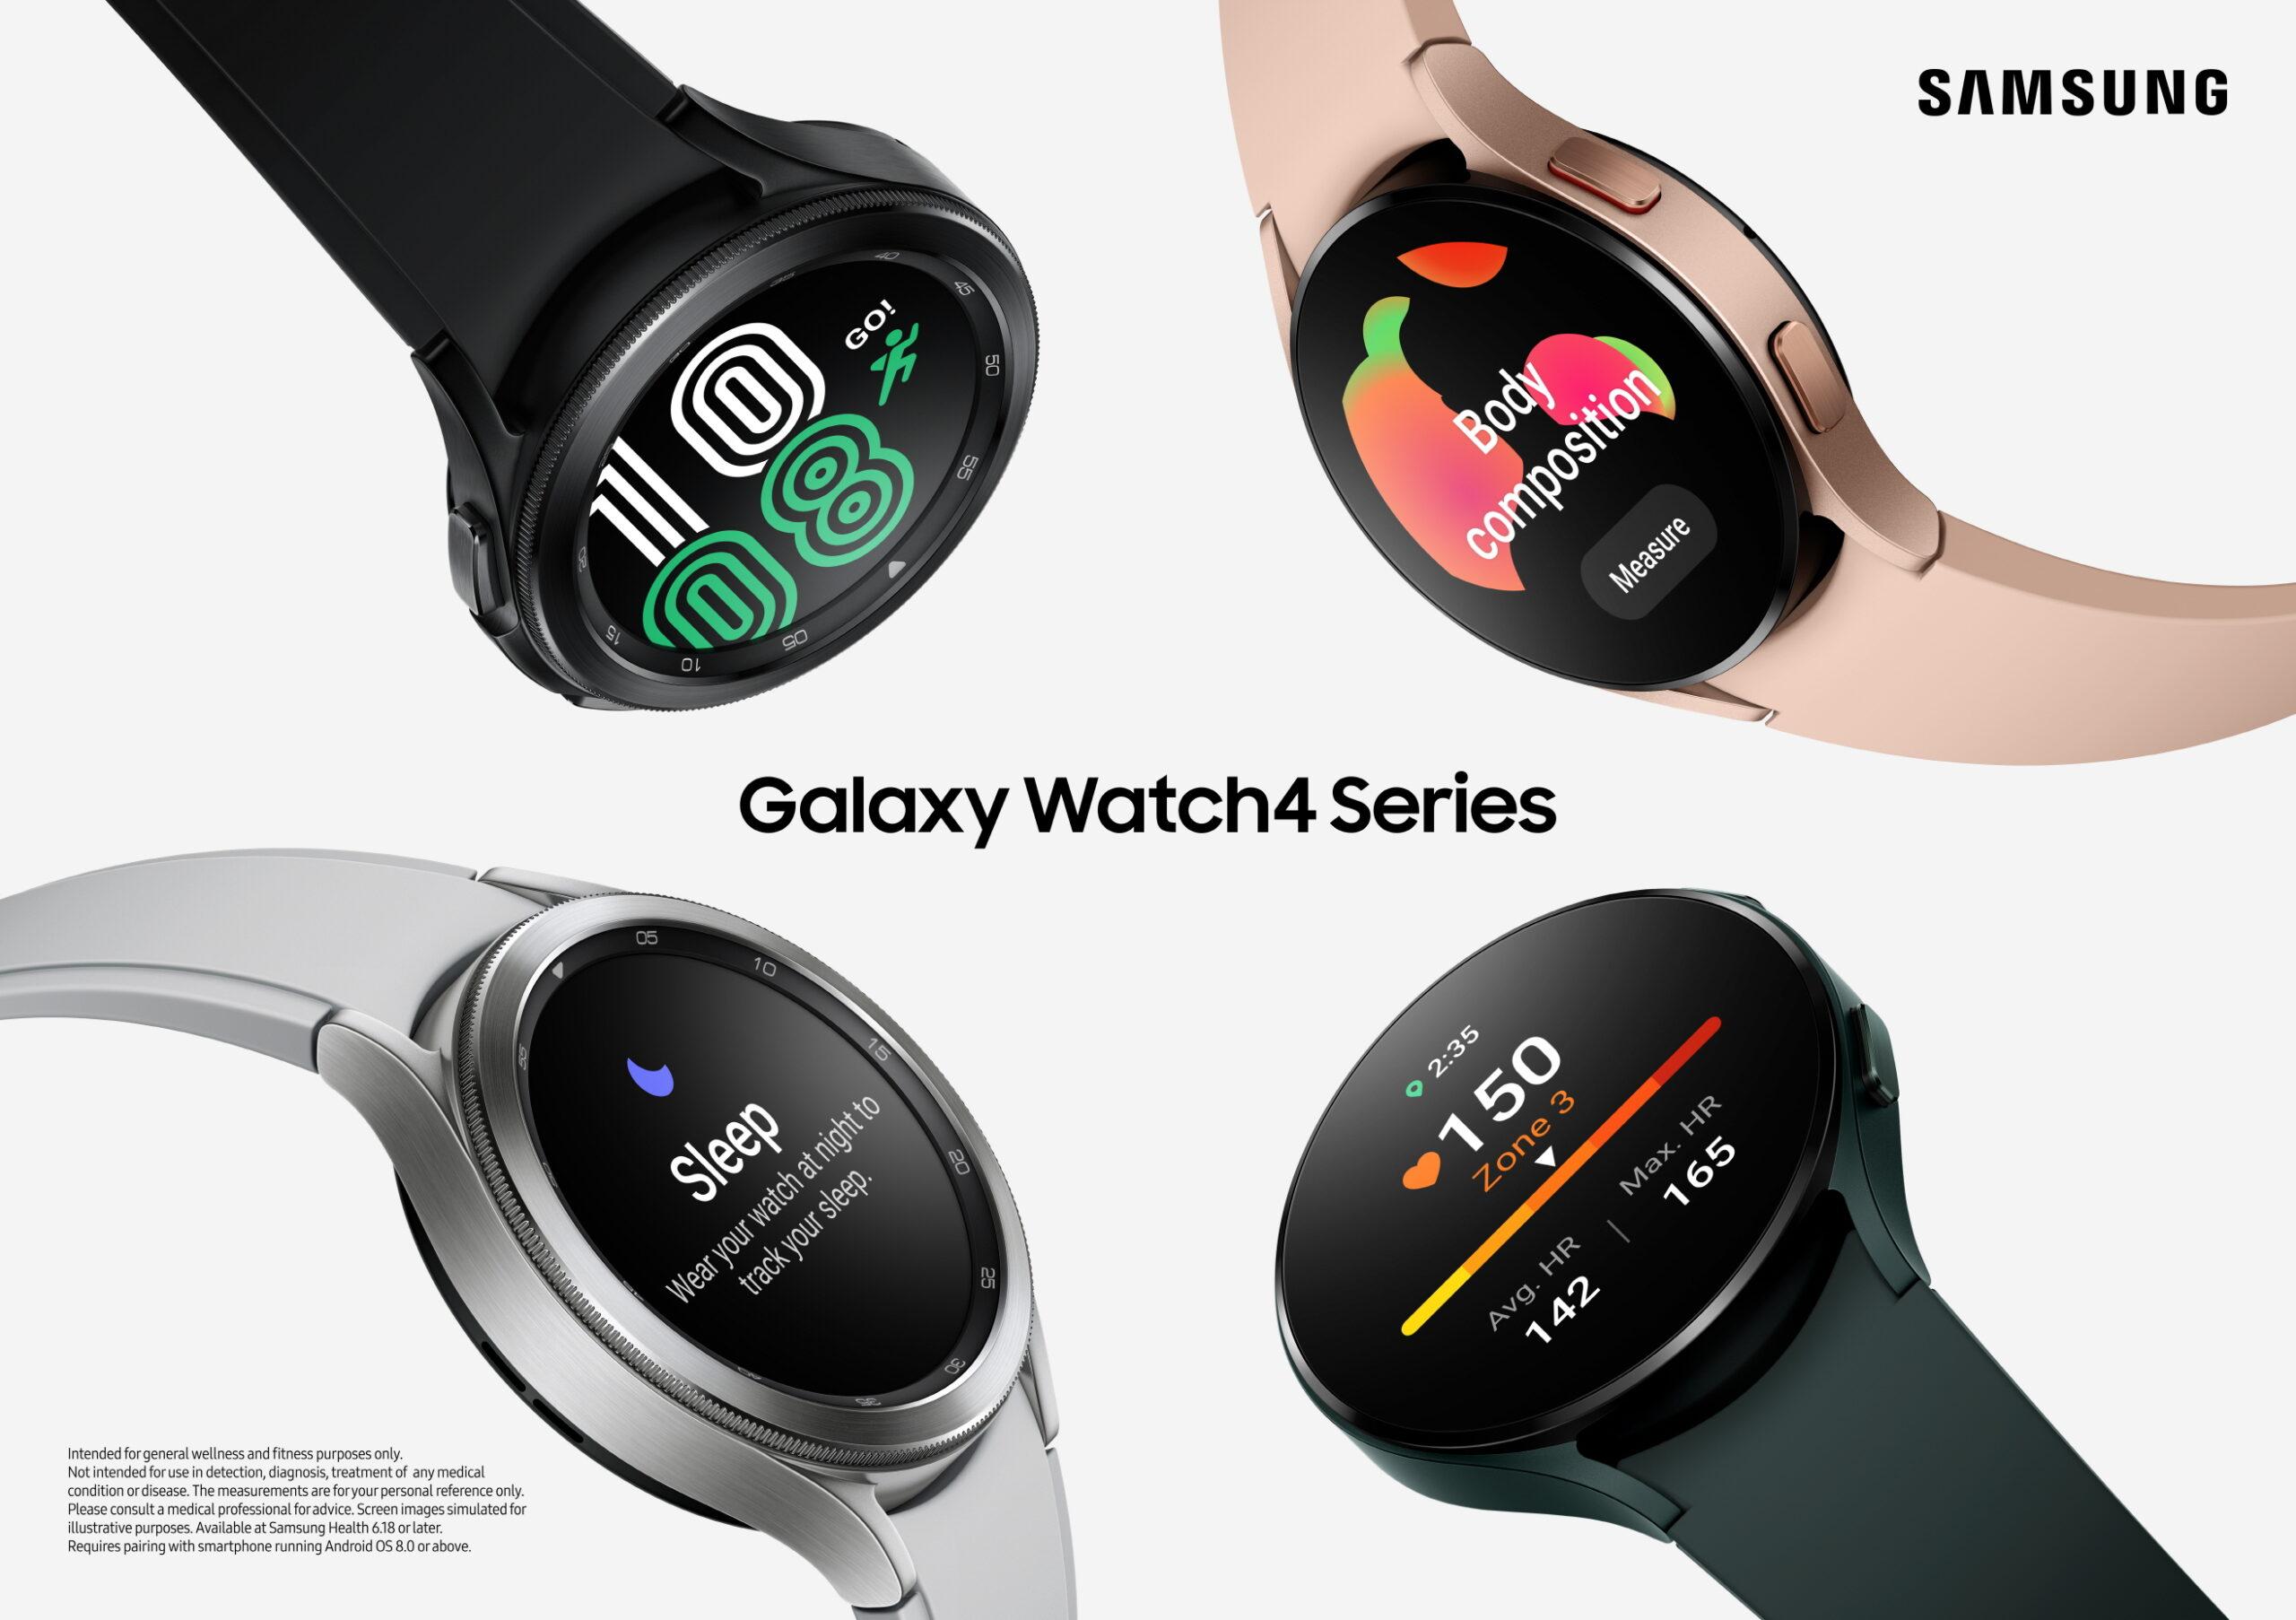 La serie Serie Galaxy Watch4 da vida a la autoexpresión